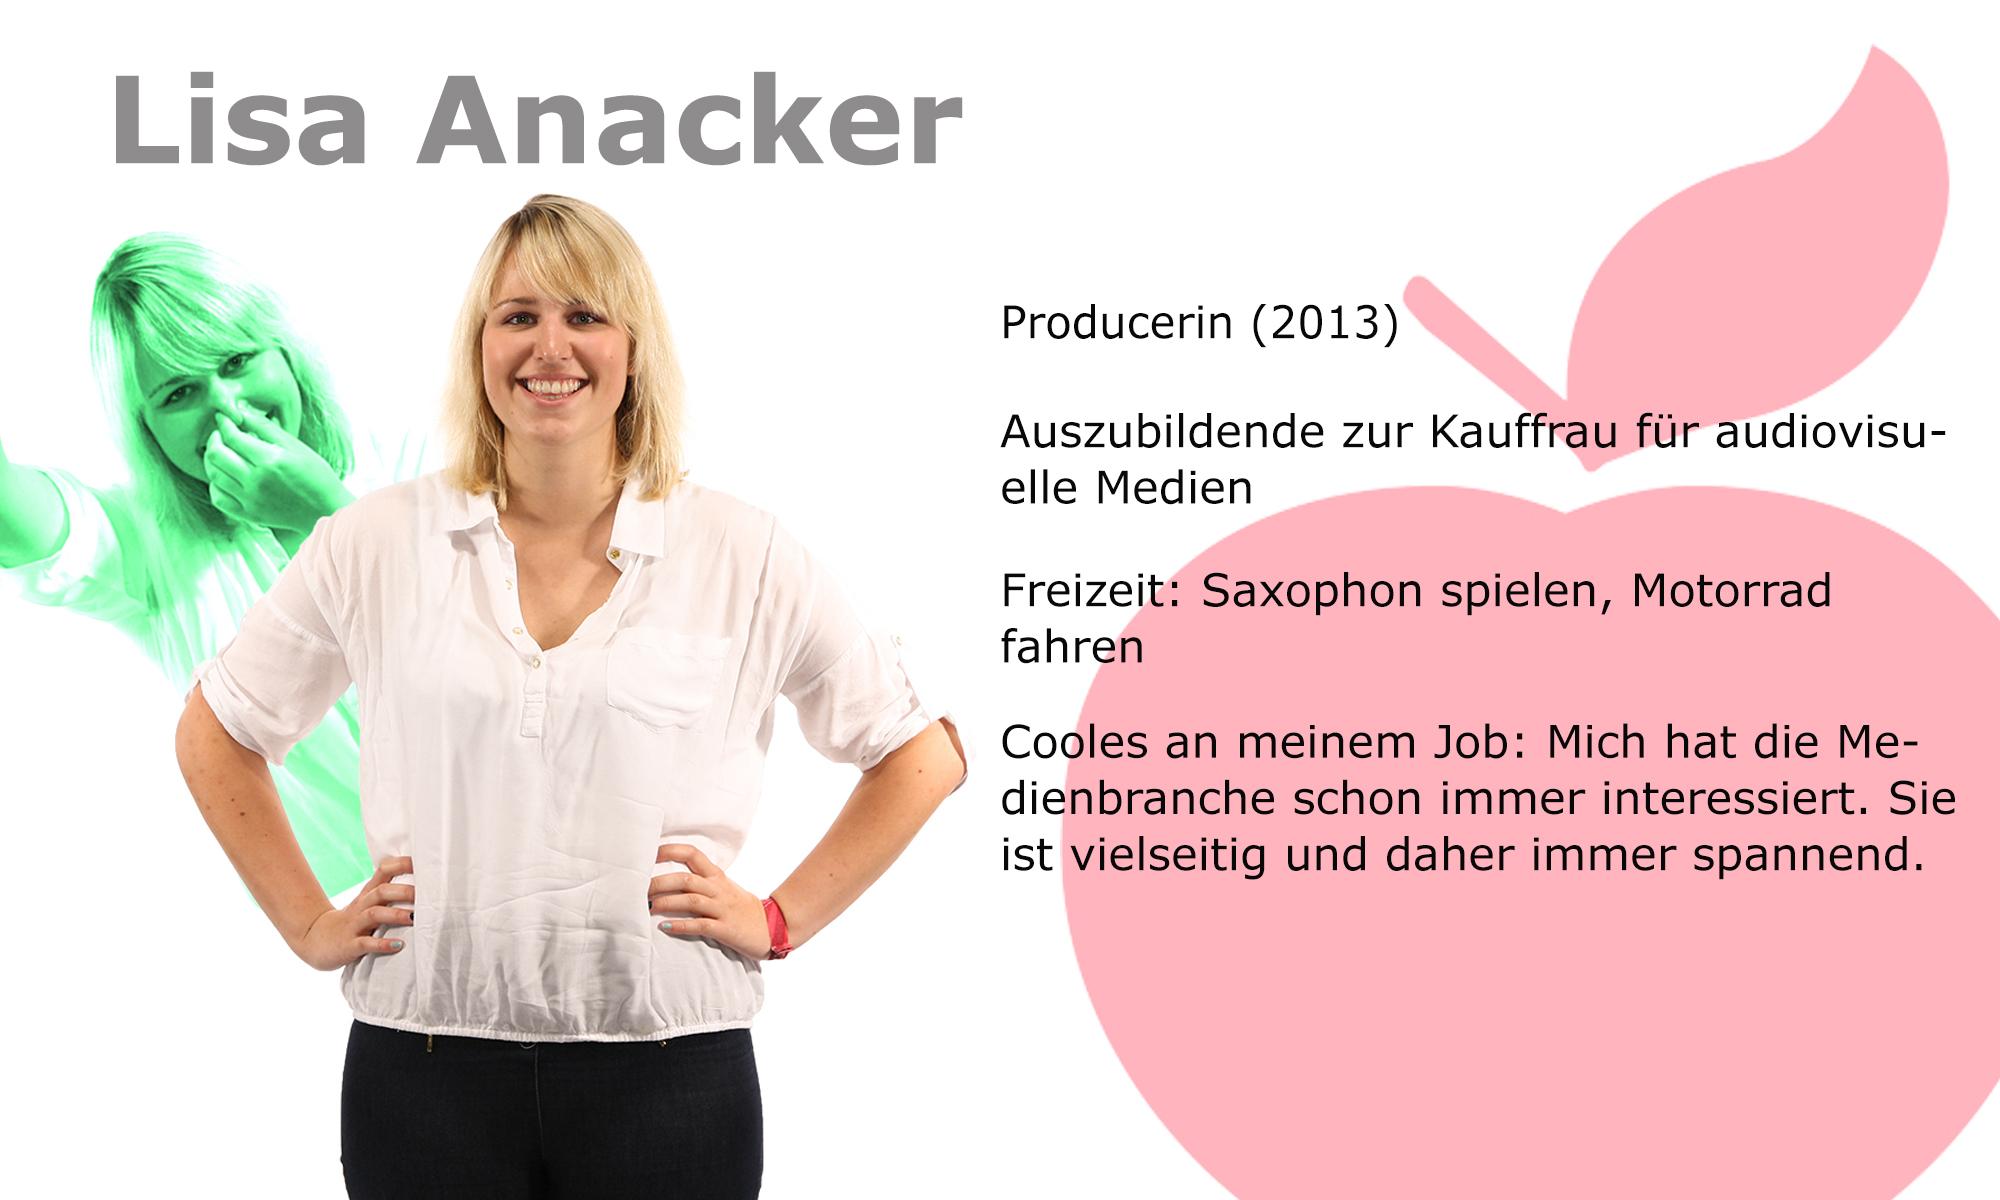 anacker_vorstellung1